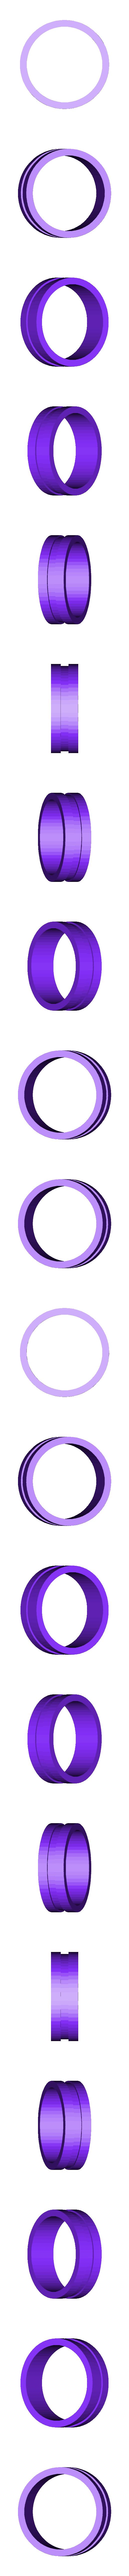 anillo 20 interior.stl Télécharger fichier STL gratuit Anillo / Ring • Objet imprimable en 3D, amg3D